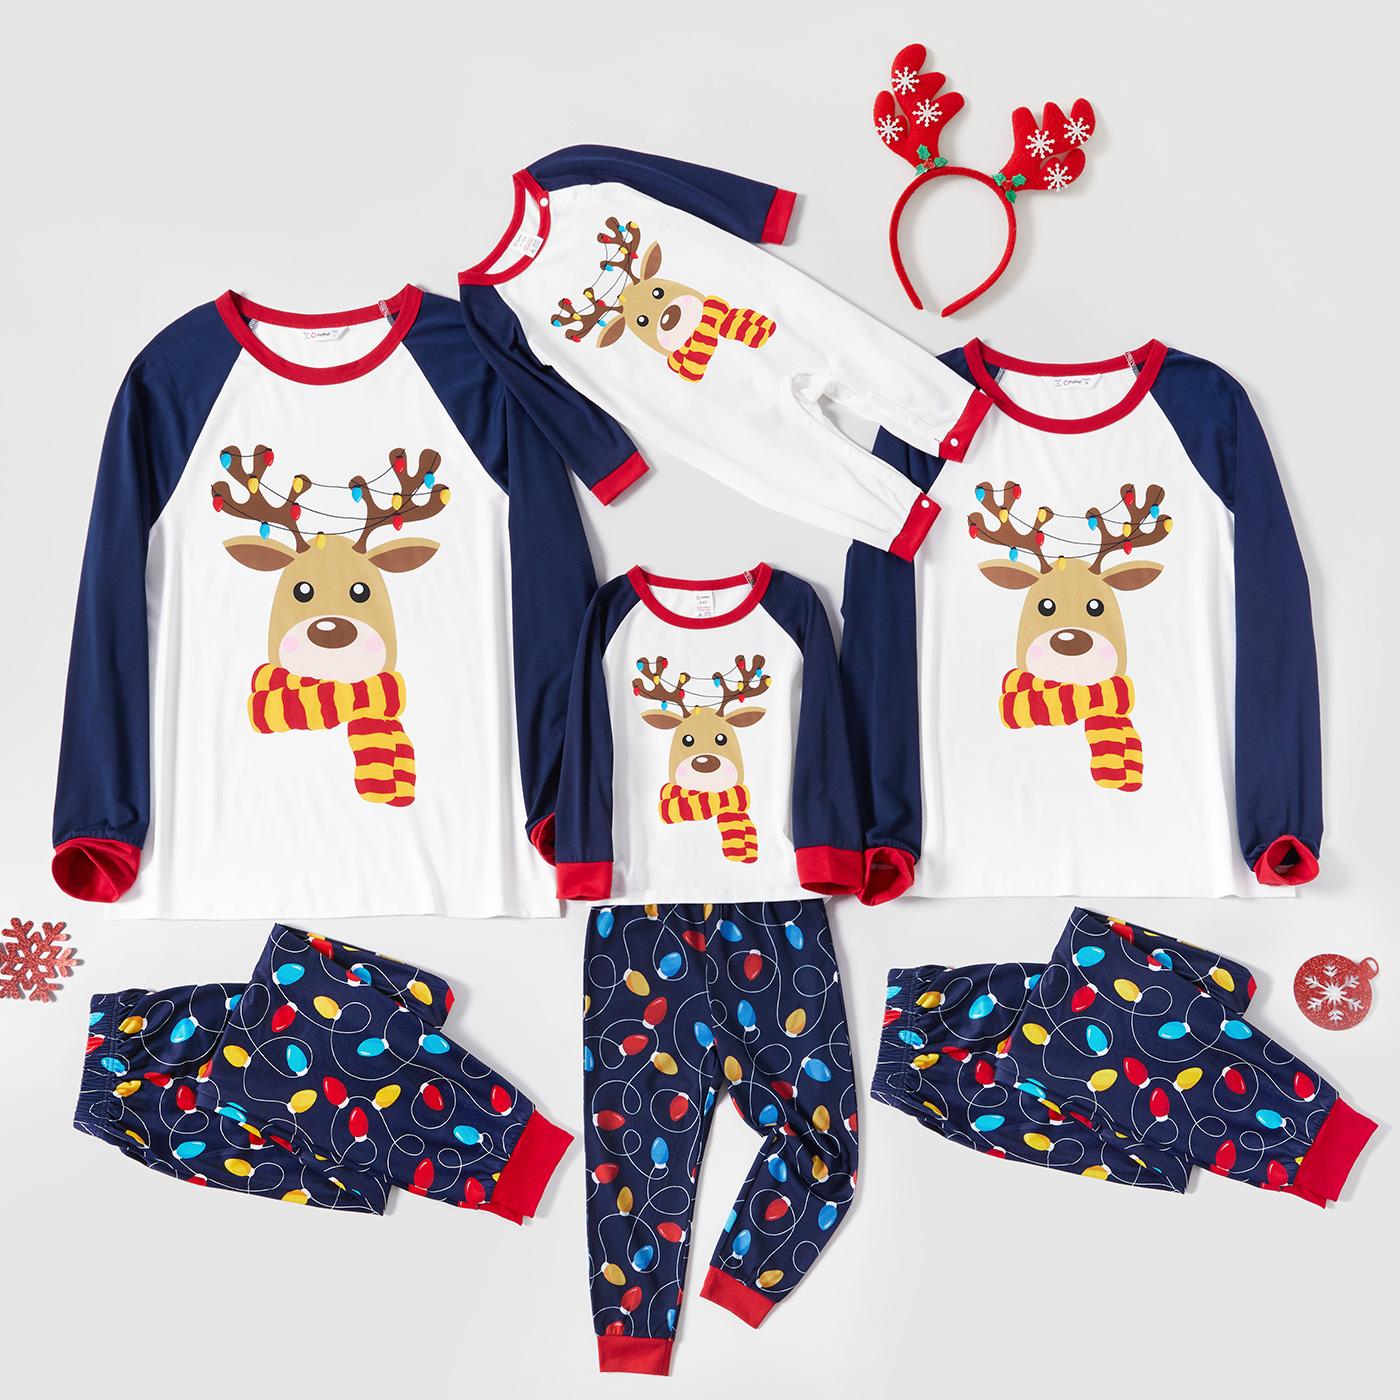 Pijamas para família estampagem cervo teste padrão do natal Natal